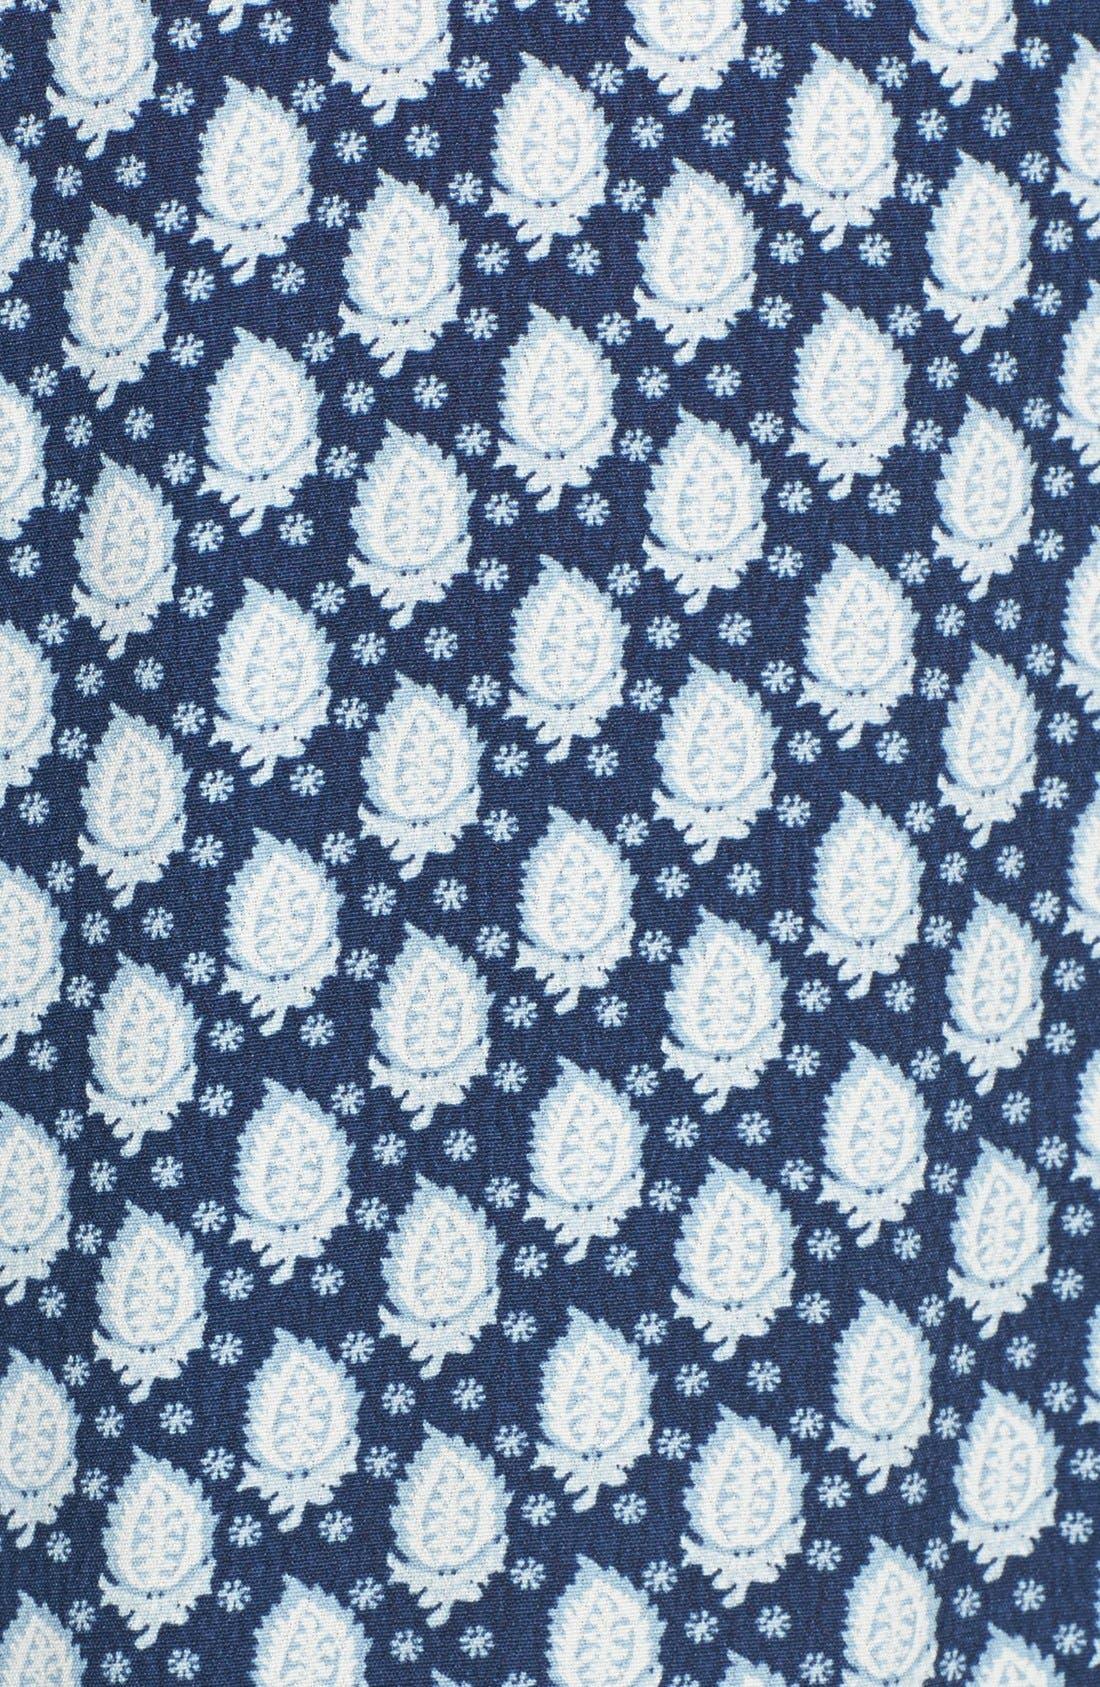 Floral Pattern Pants,                             Alternate thumbnail 2, color,                             486